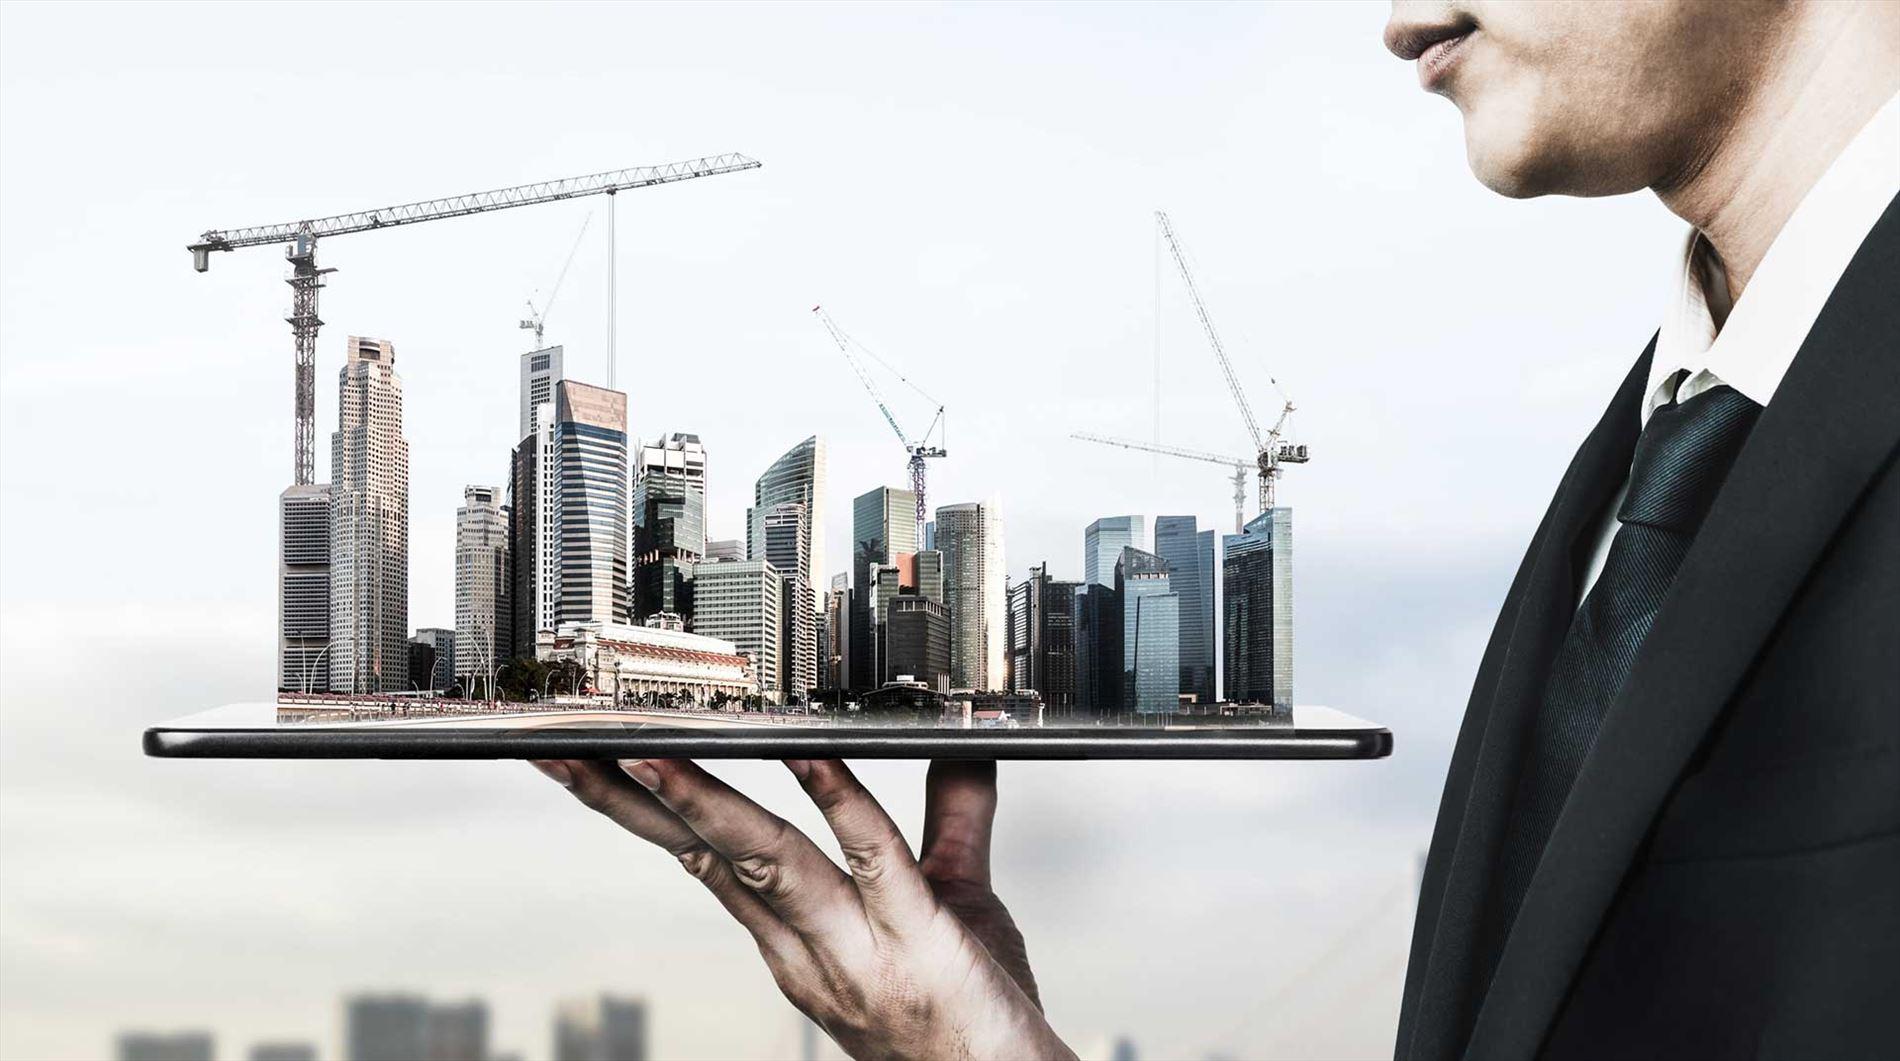 תמונת חוויה במאמר על בניית אתרים לחברות נדלן